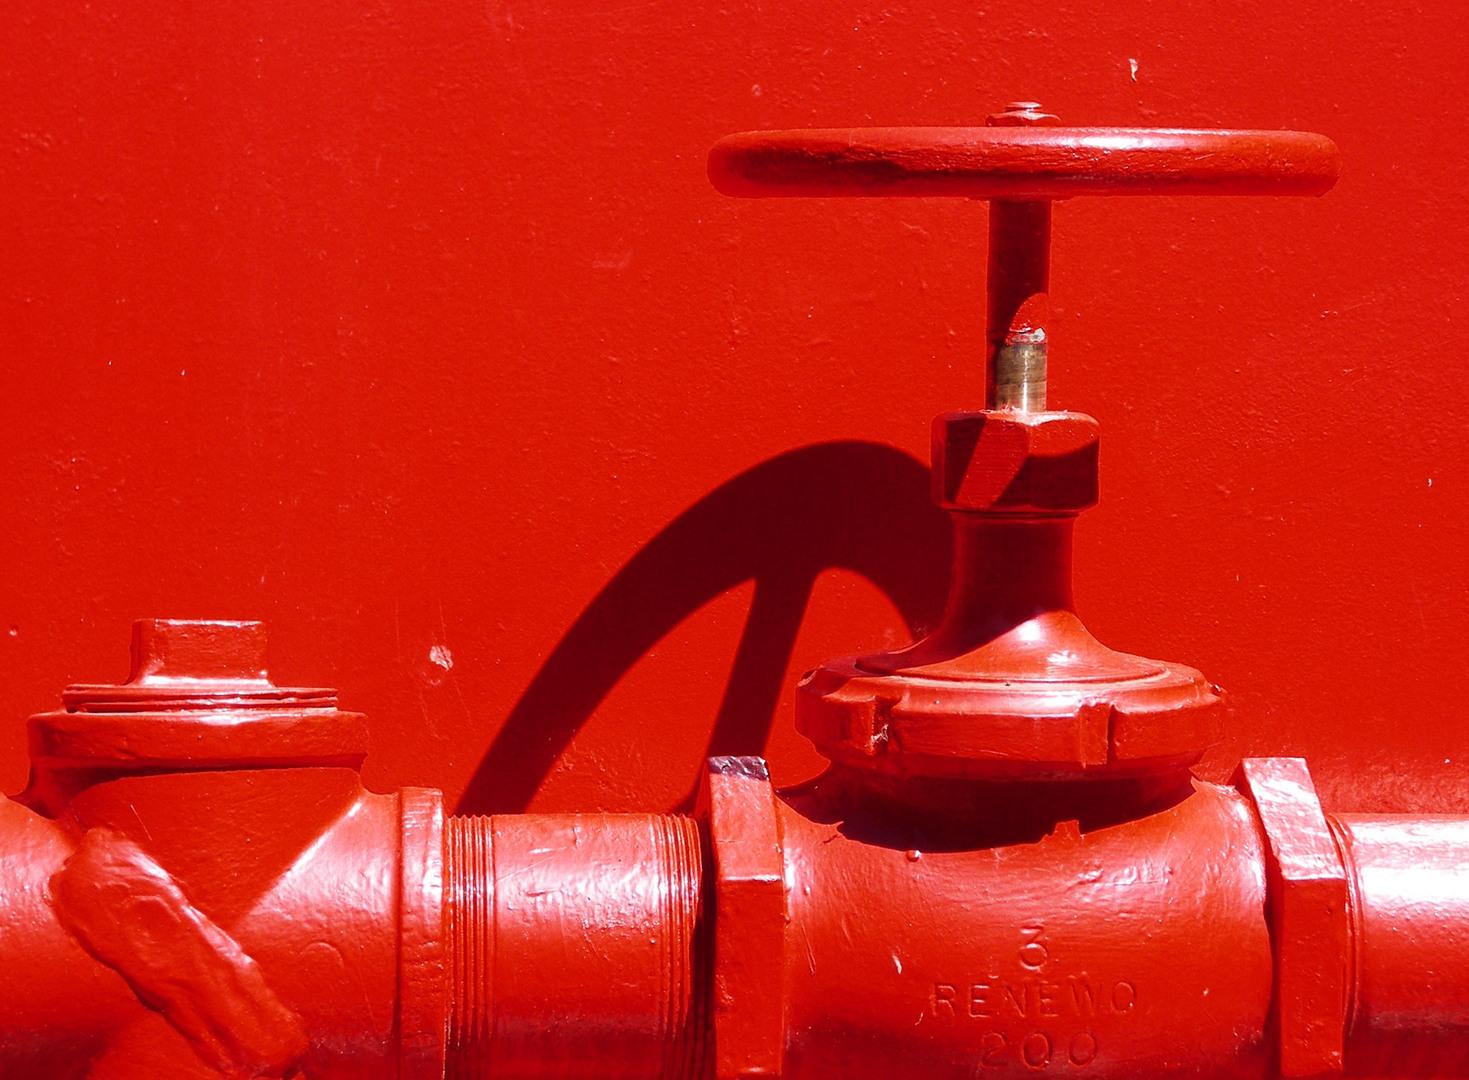 Эффективное плановое тестирование систем противопожарного водоснабжения